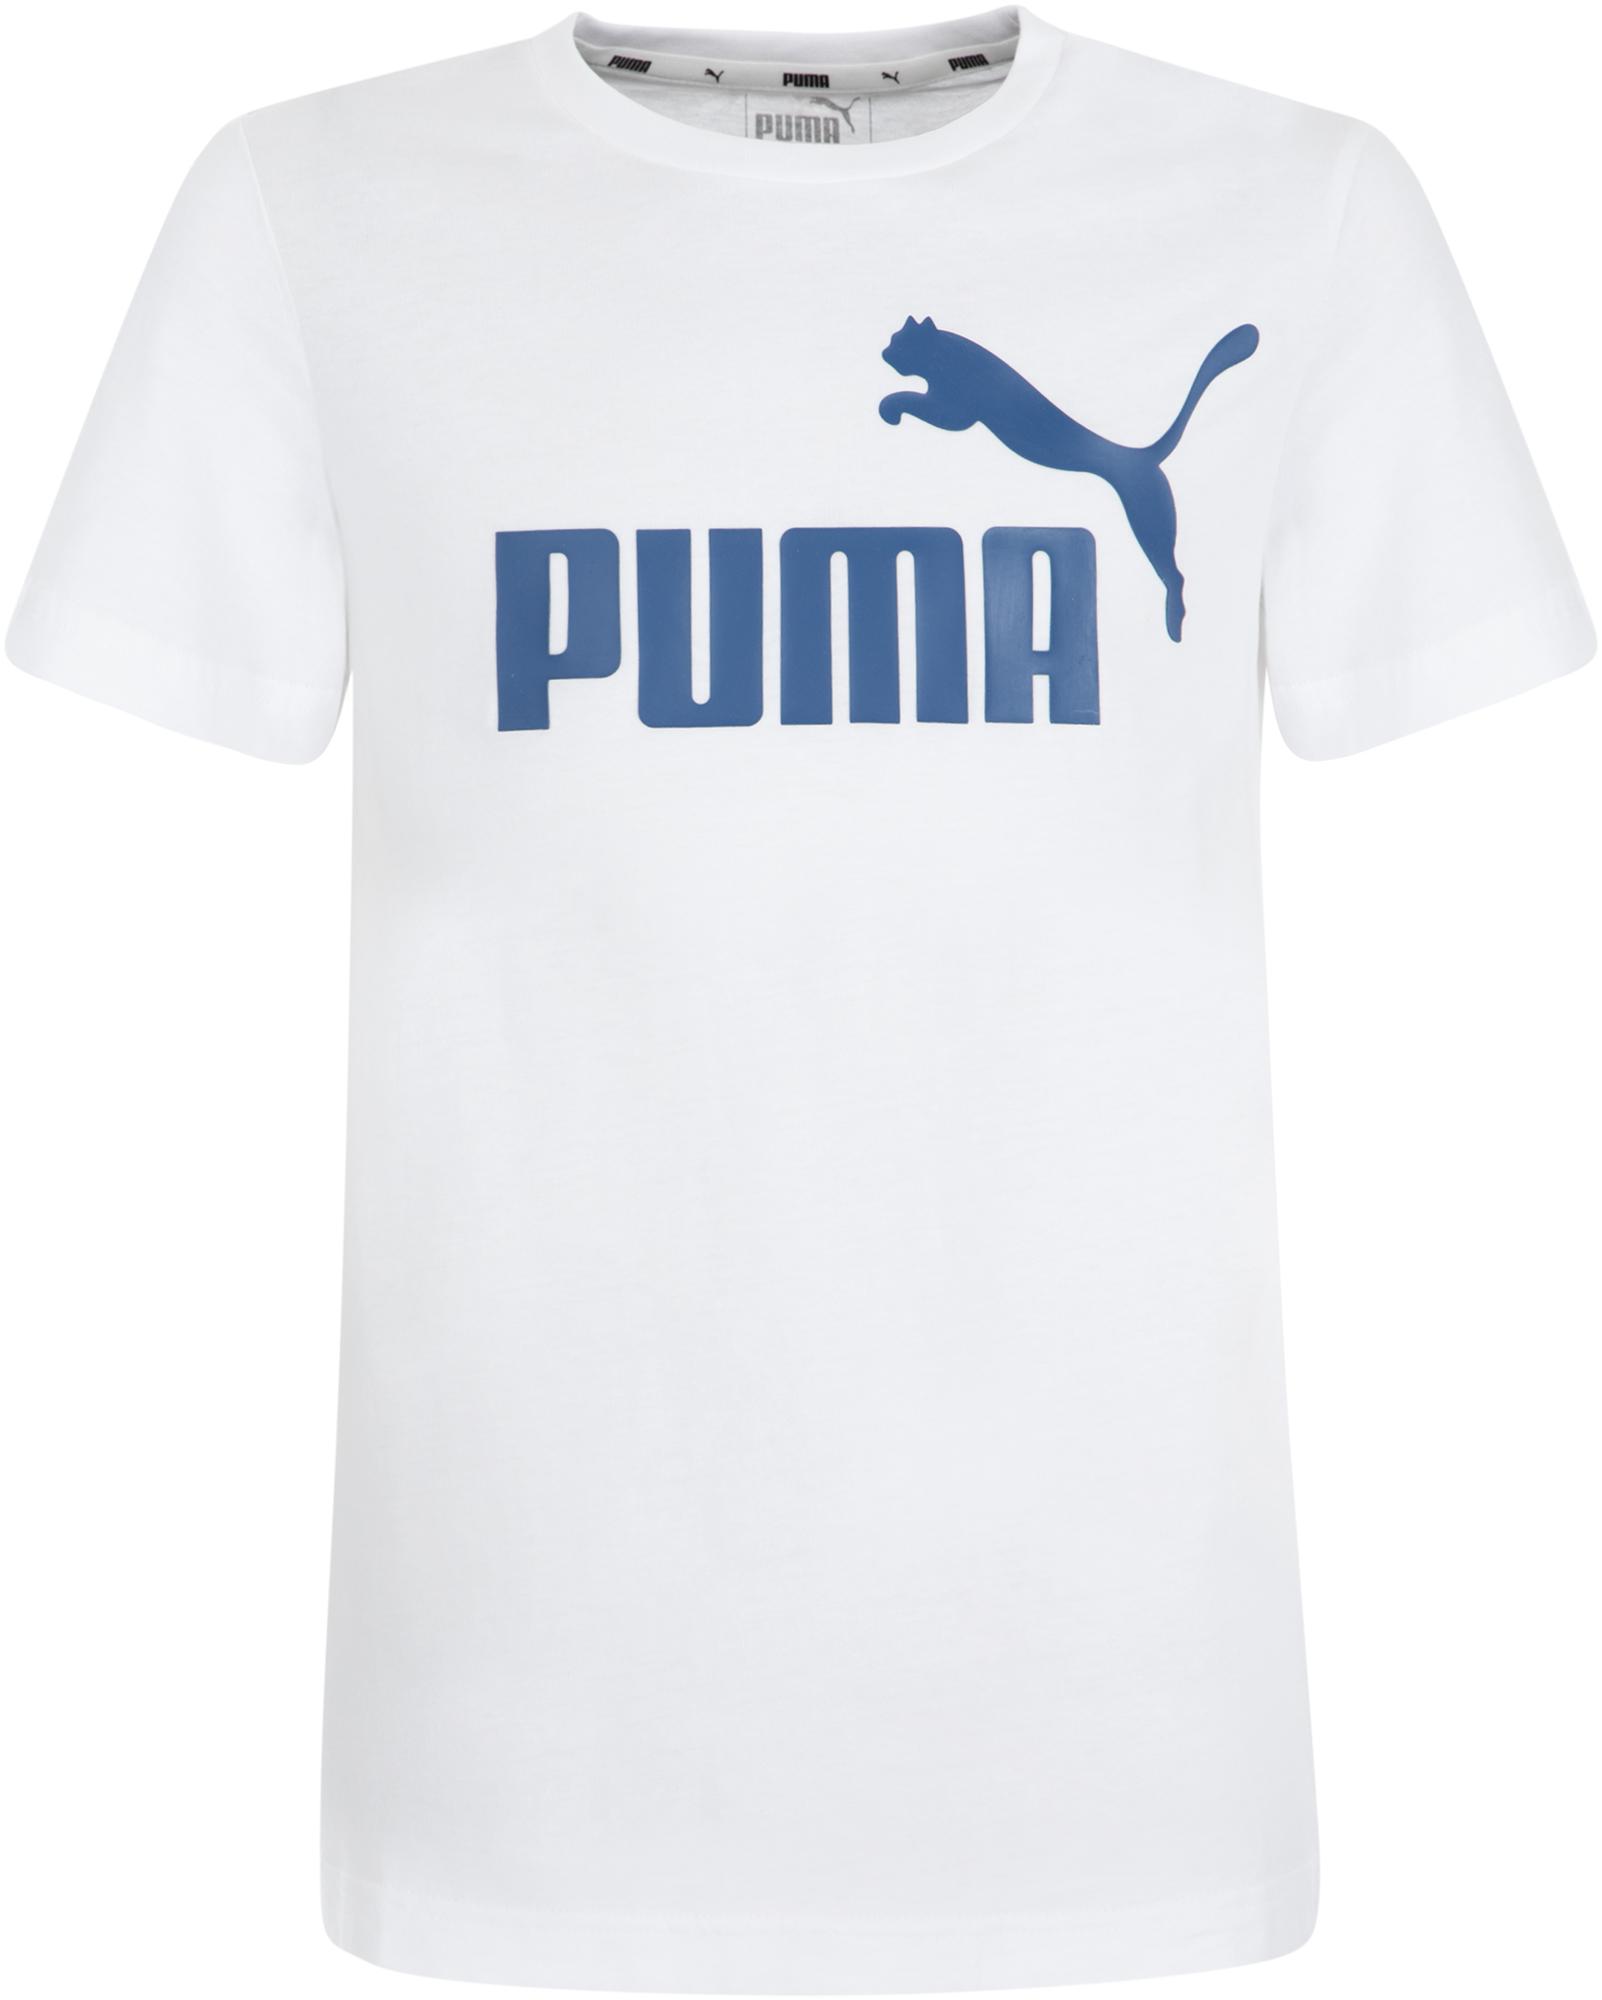 Puma Футболка для мальчиков Puma ESS Logo Tee B, размер 128 цена в Москве и Питере